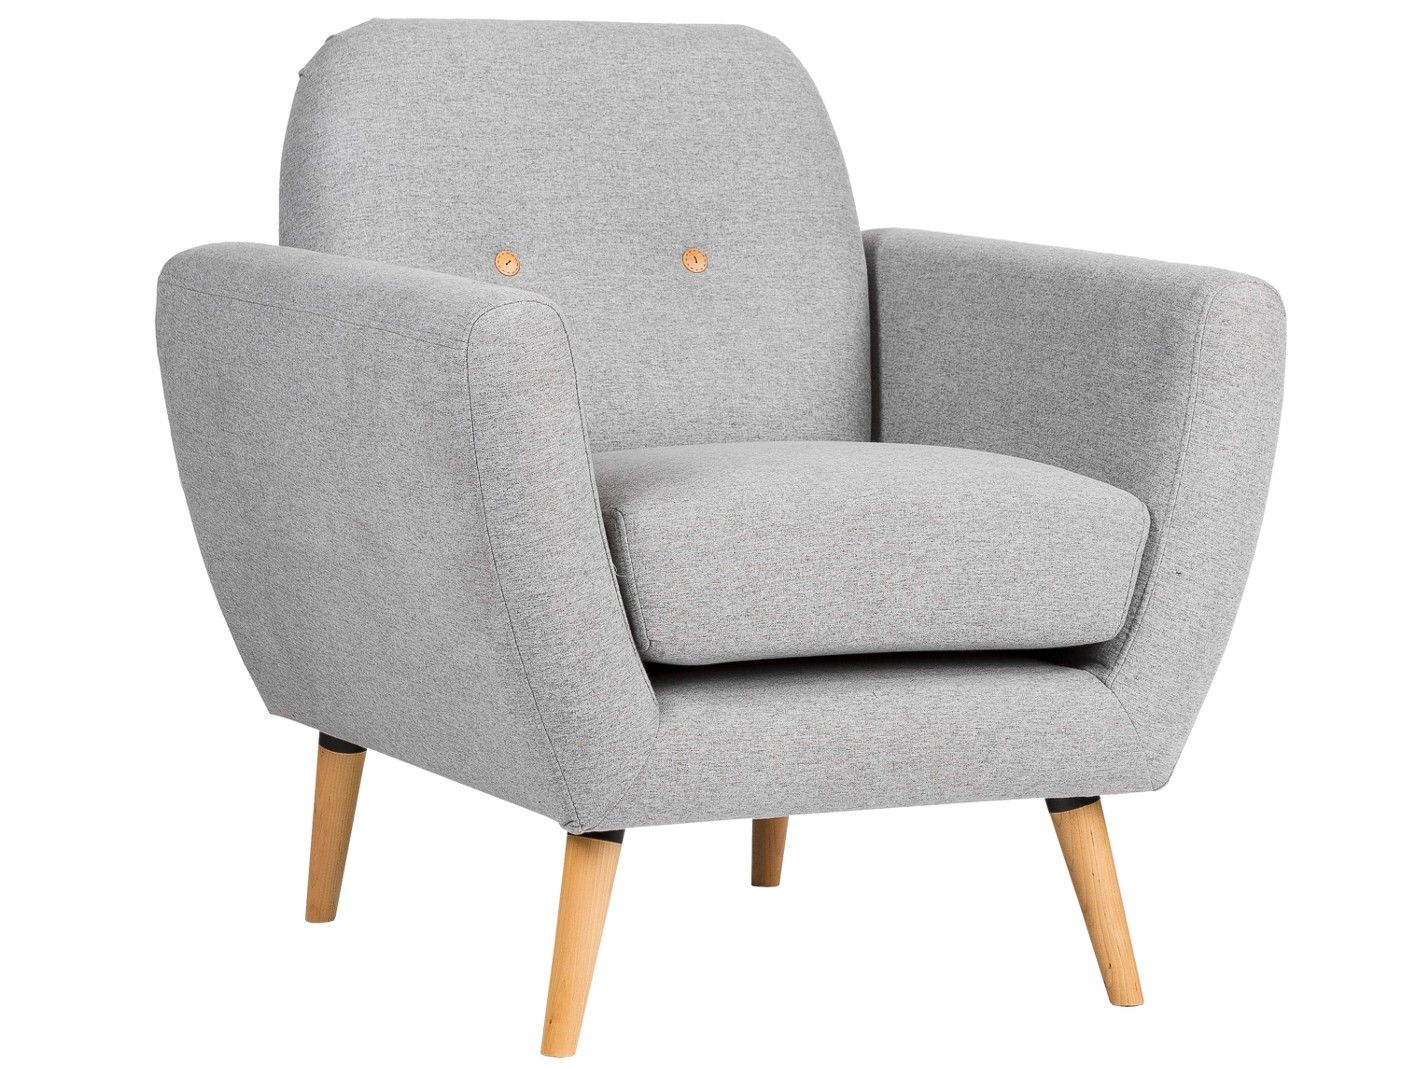 sofa cama merkamueble un blog sobre bienes inmuebles